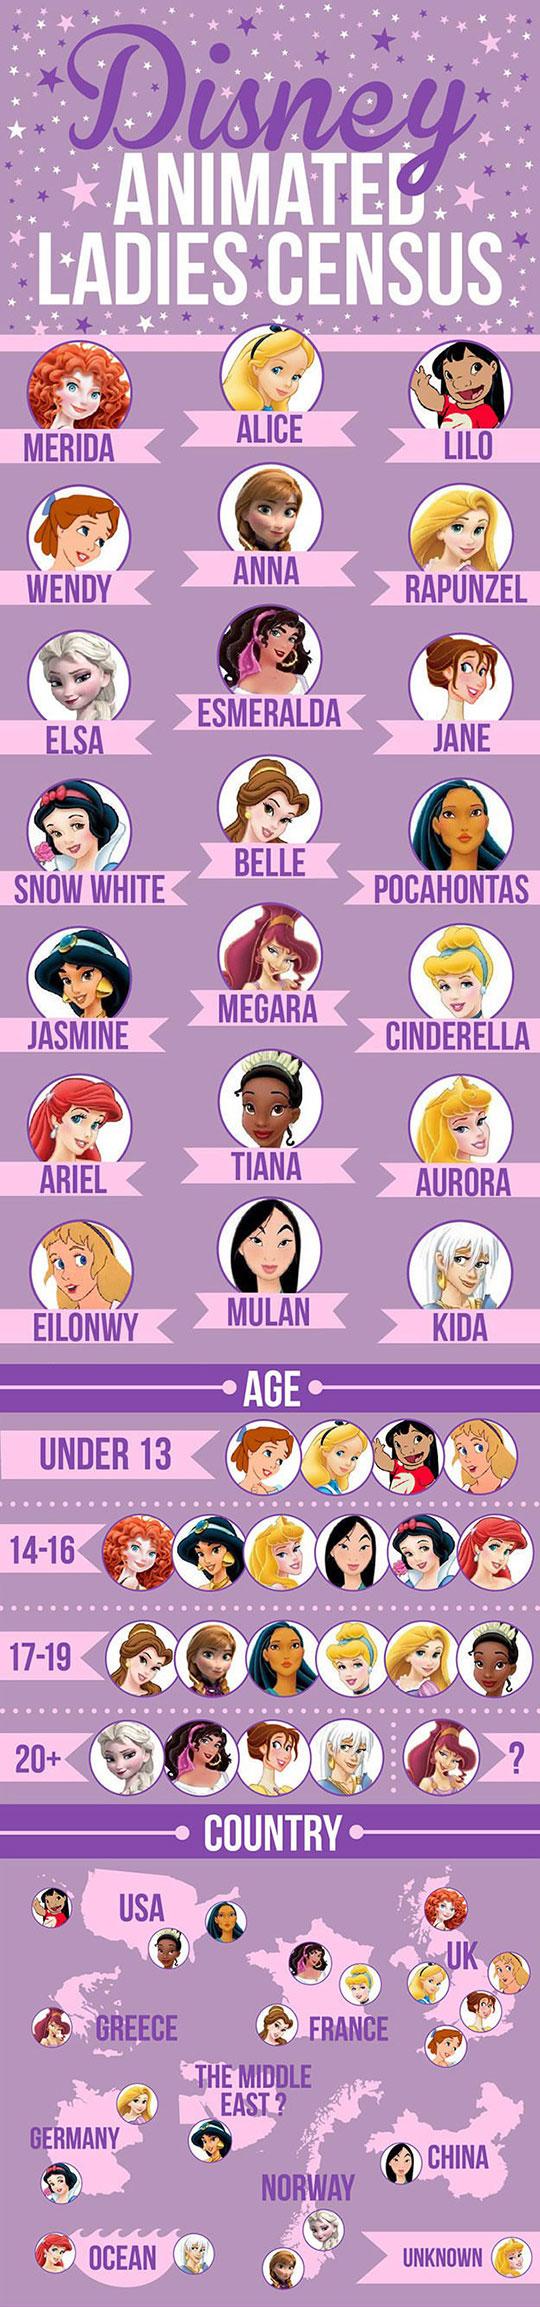 Disney Animated Ladies Census